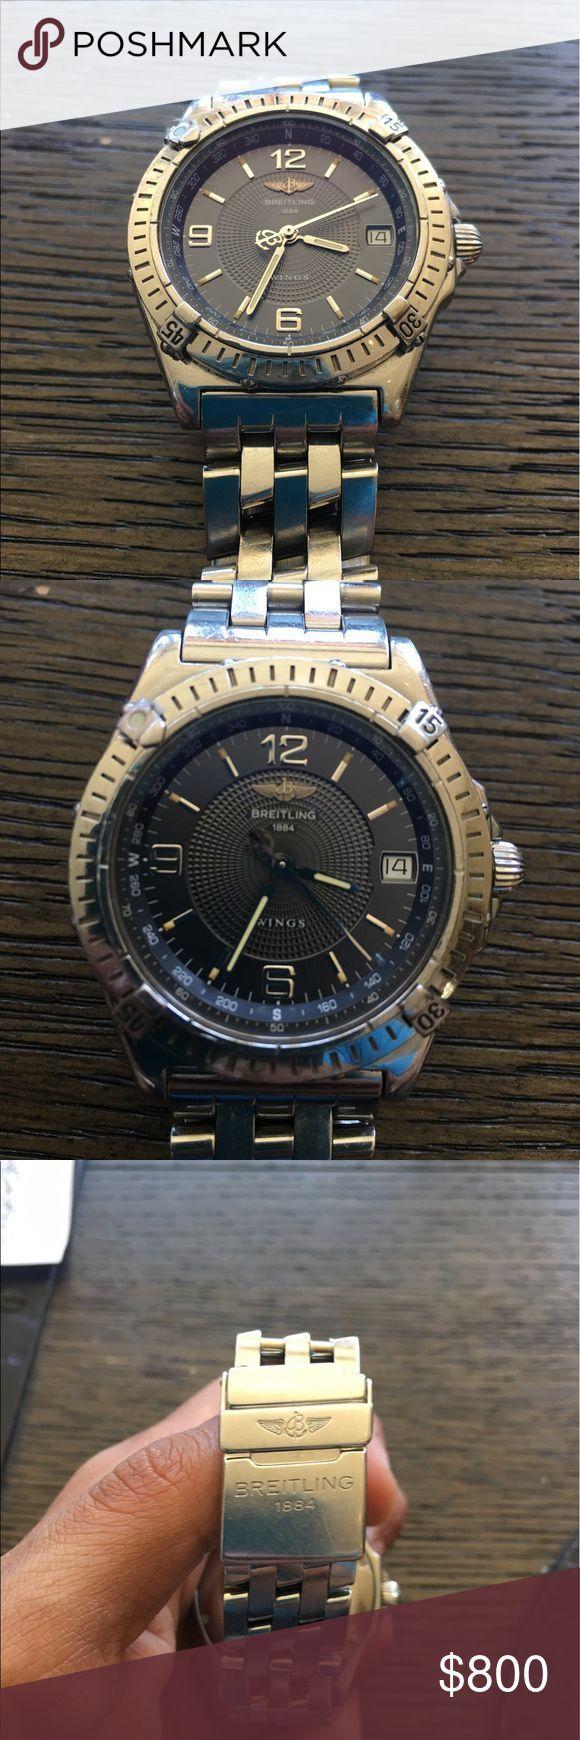 Breitling Wings Womens Watch Beautiful Used Breitling Wings Women Watch A10050 Breitling Accessories Watches ...repinned für Gewinner!  - jetzt gratis Erfolgsratgeber sichern www.ratsucher.de